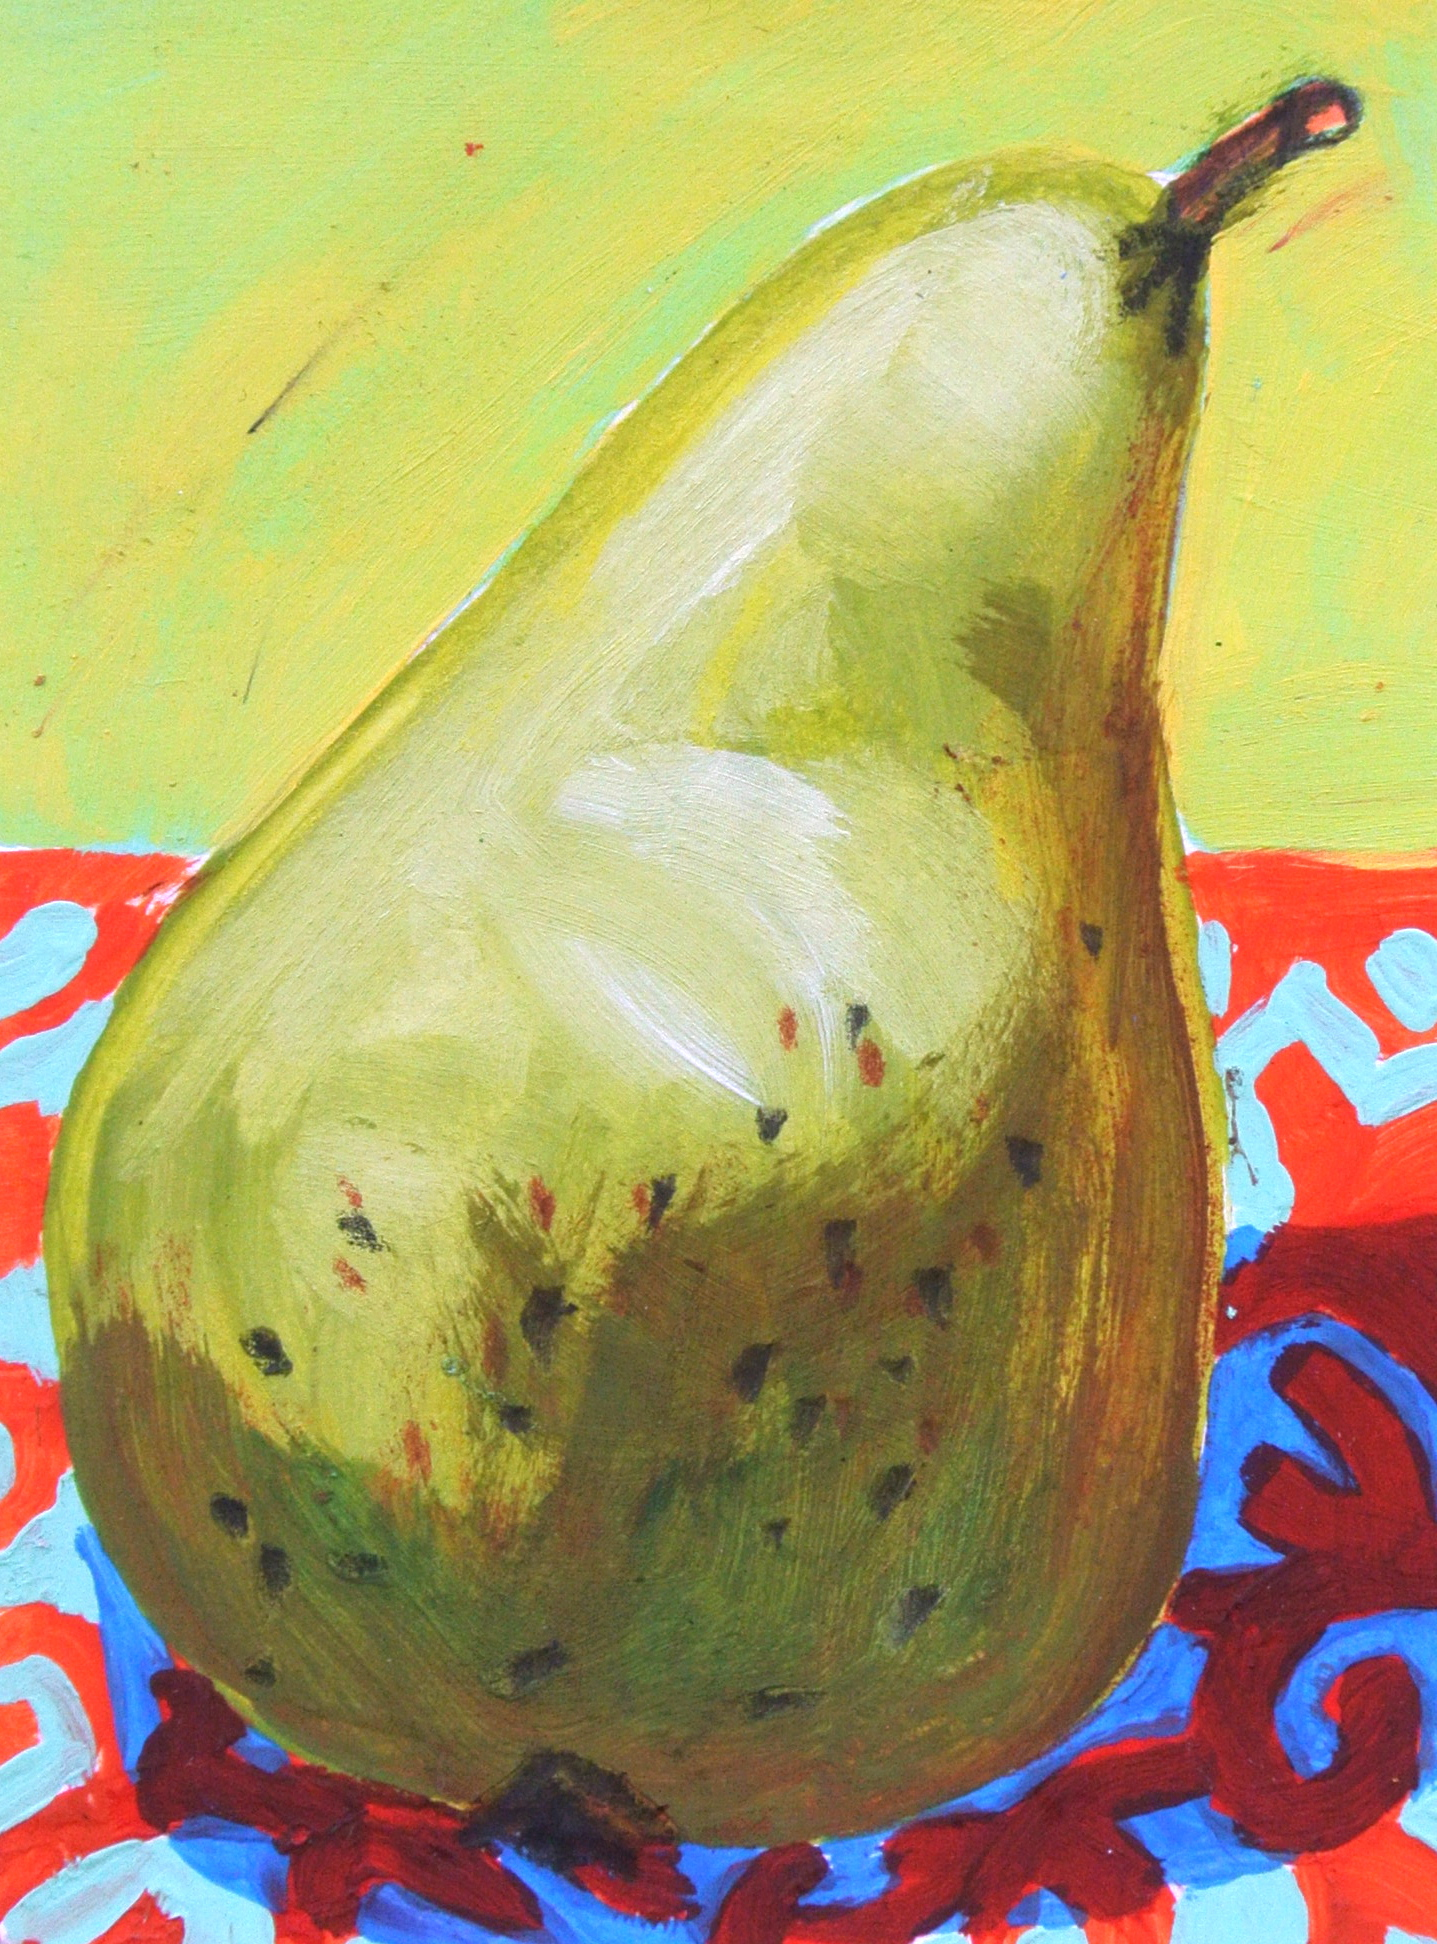 Pear 8 x 11 cm